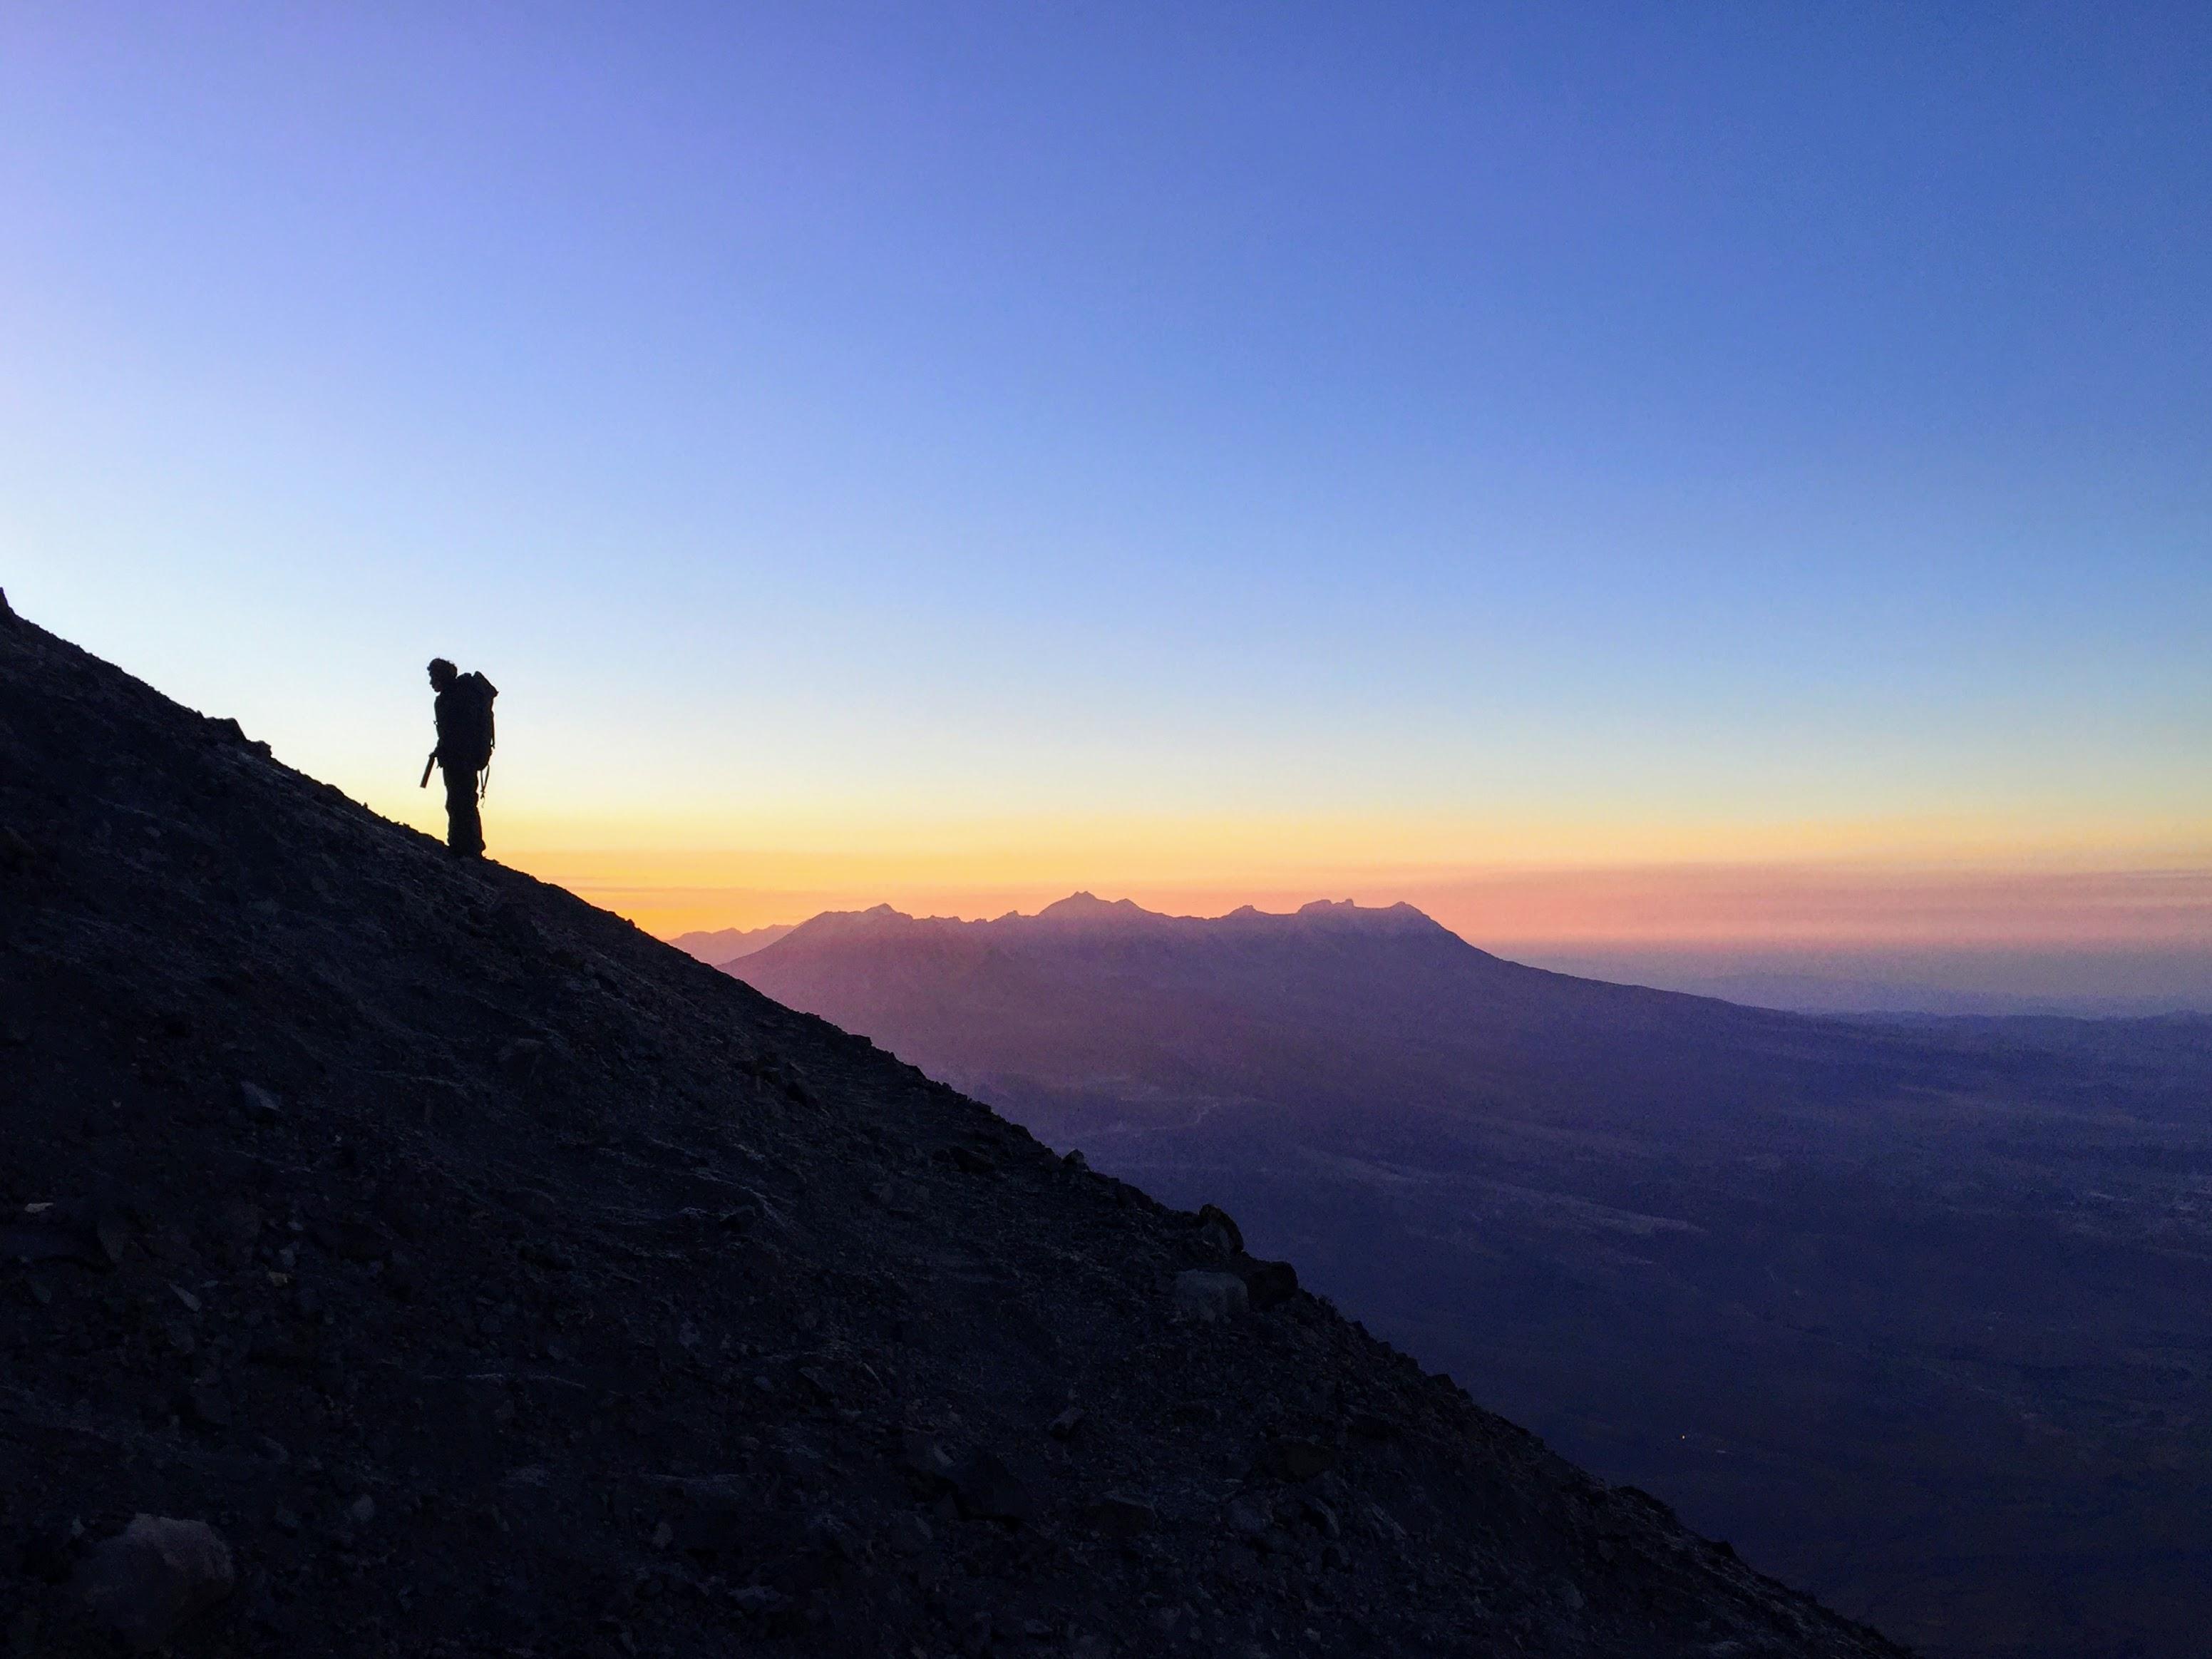 Sunrise at 17,000 ft. in Peru